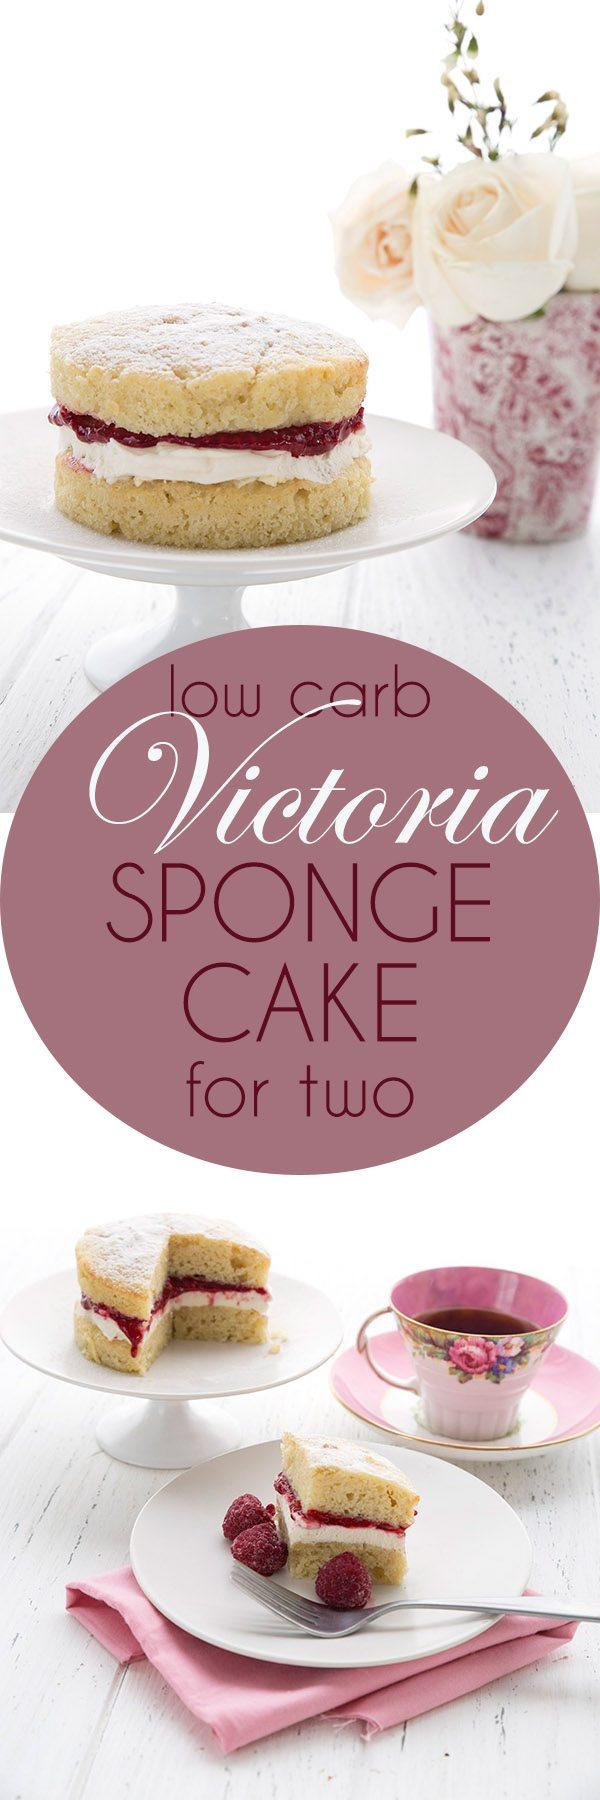 Keto Sponge Cake Recipe